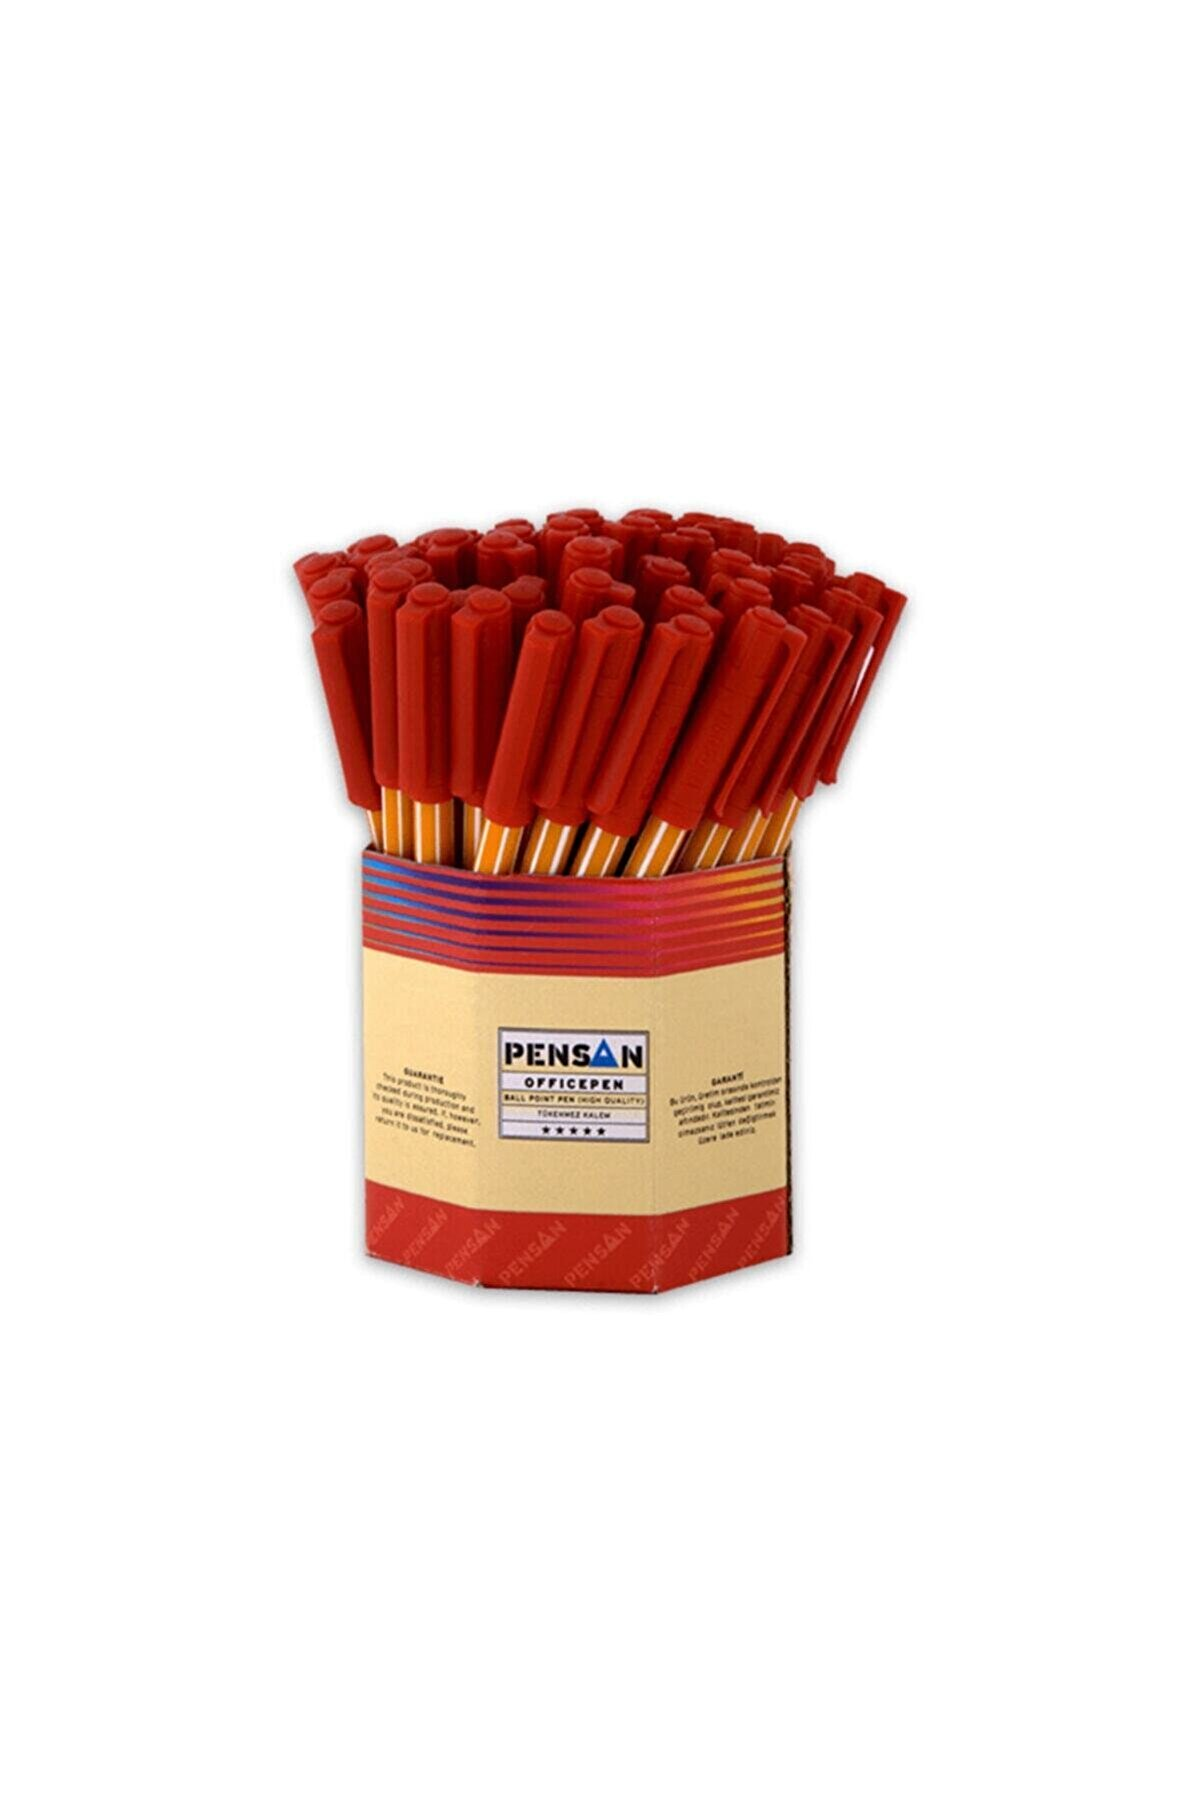 Pensan Ofispen Tükenmez Kalem Kırmızı 60lı